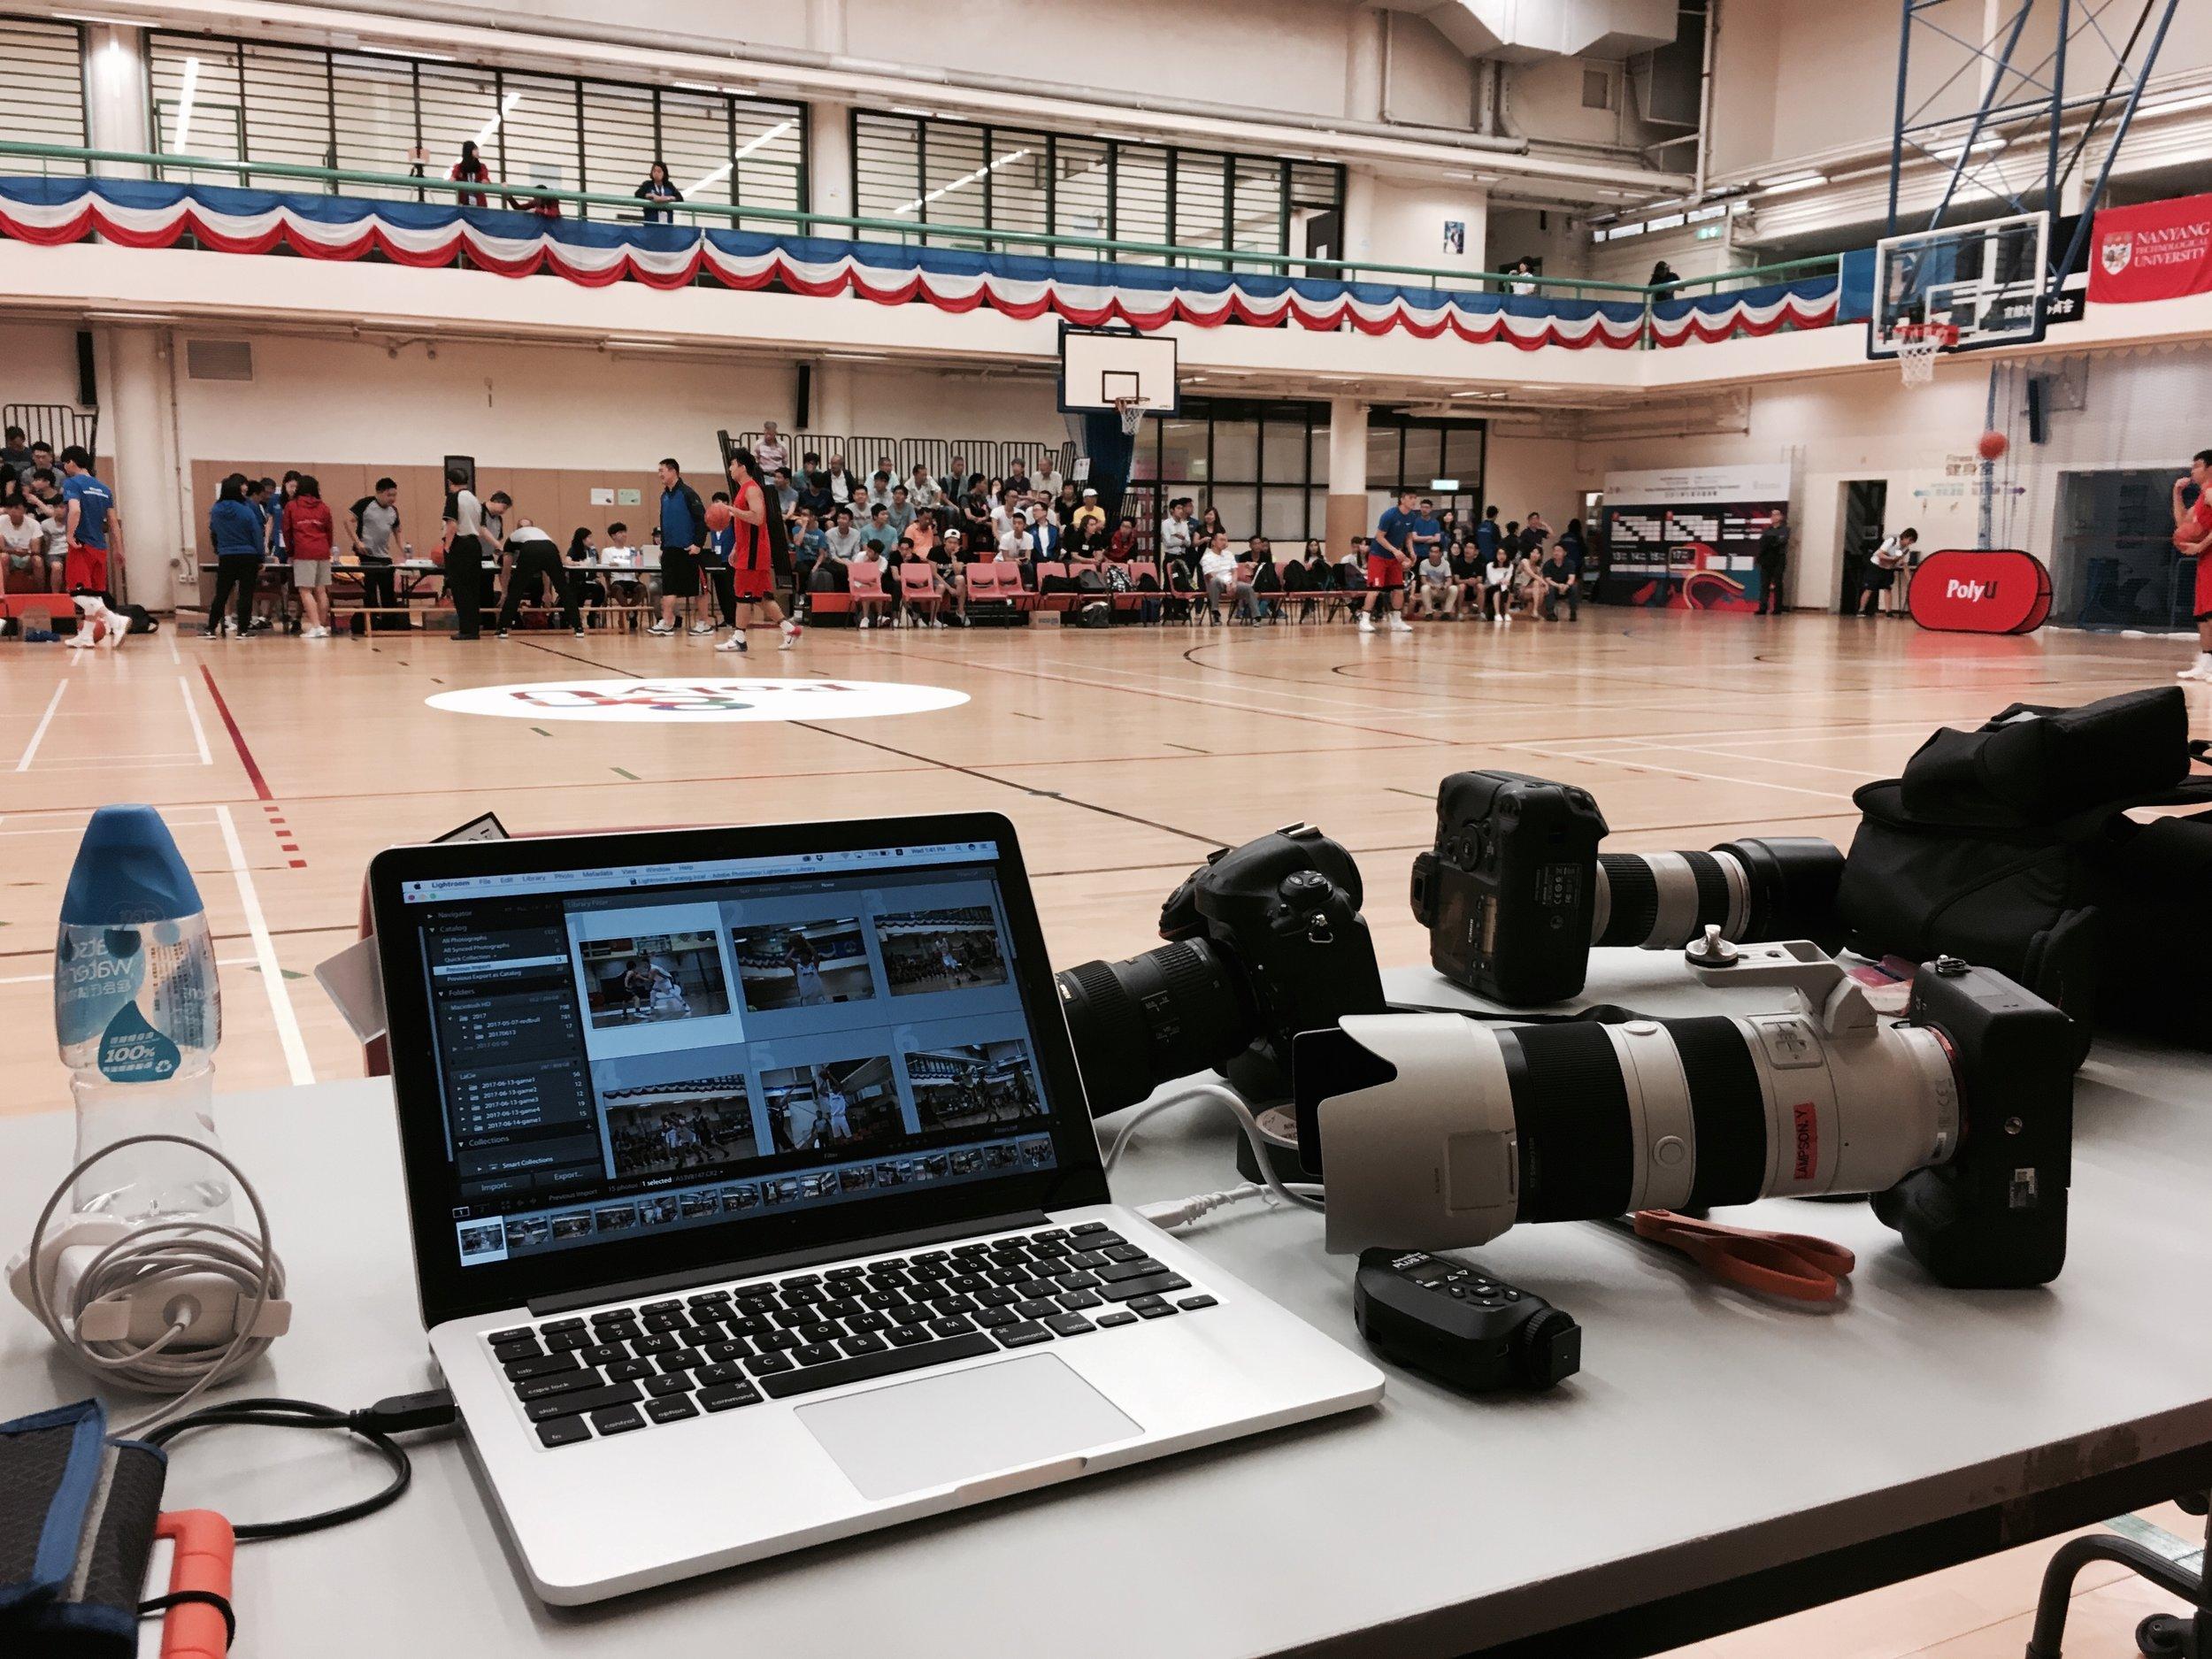 今次器材用左 Sony A9 同 Nikon 系統,Sony 主要用作拍攝短片及 70-200mm 焦段,D4s 多數配上 16-35 f/4 超廣鏡或者 300mm f/2.8 VR2 遠攝特寫用